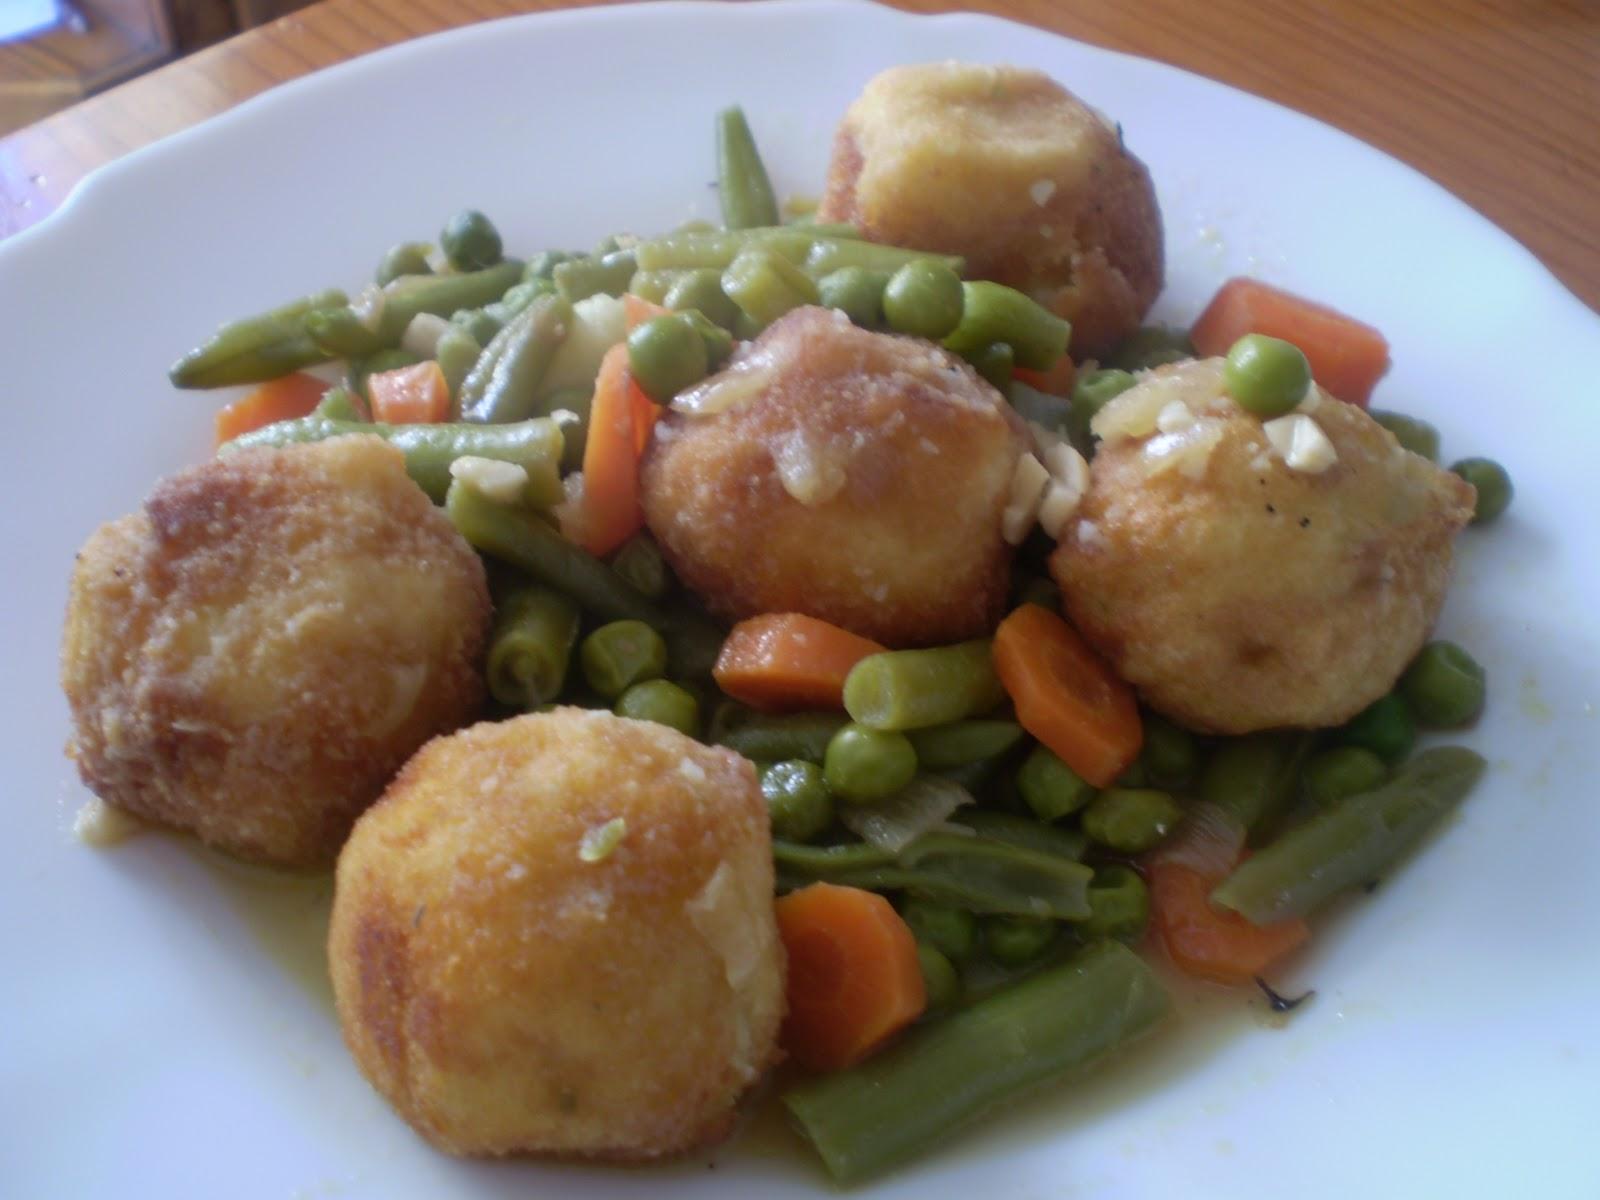 Saladosypostres alb ndigas de patata dedicada a karin - Albondigas de patata ...